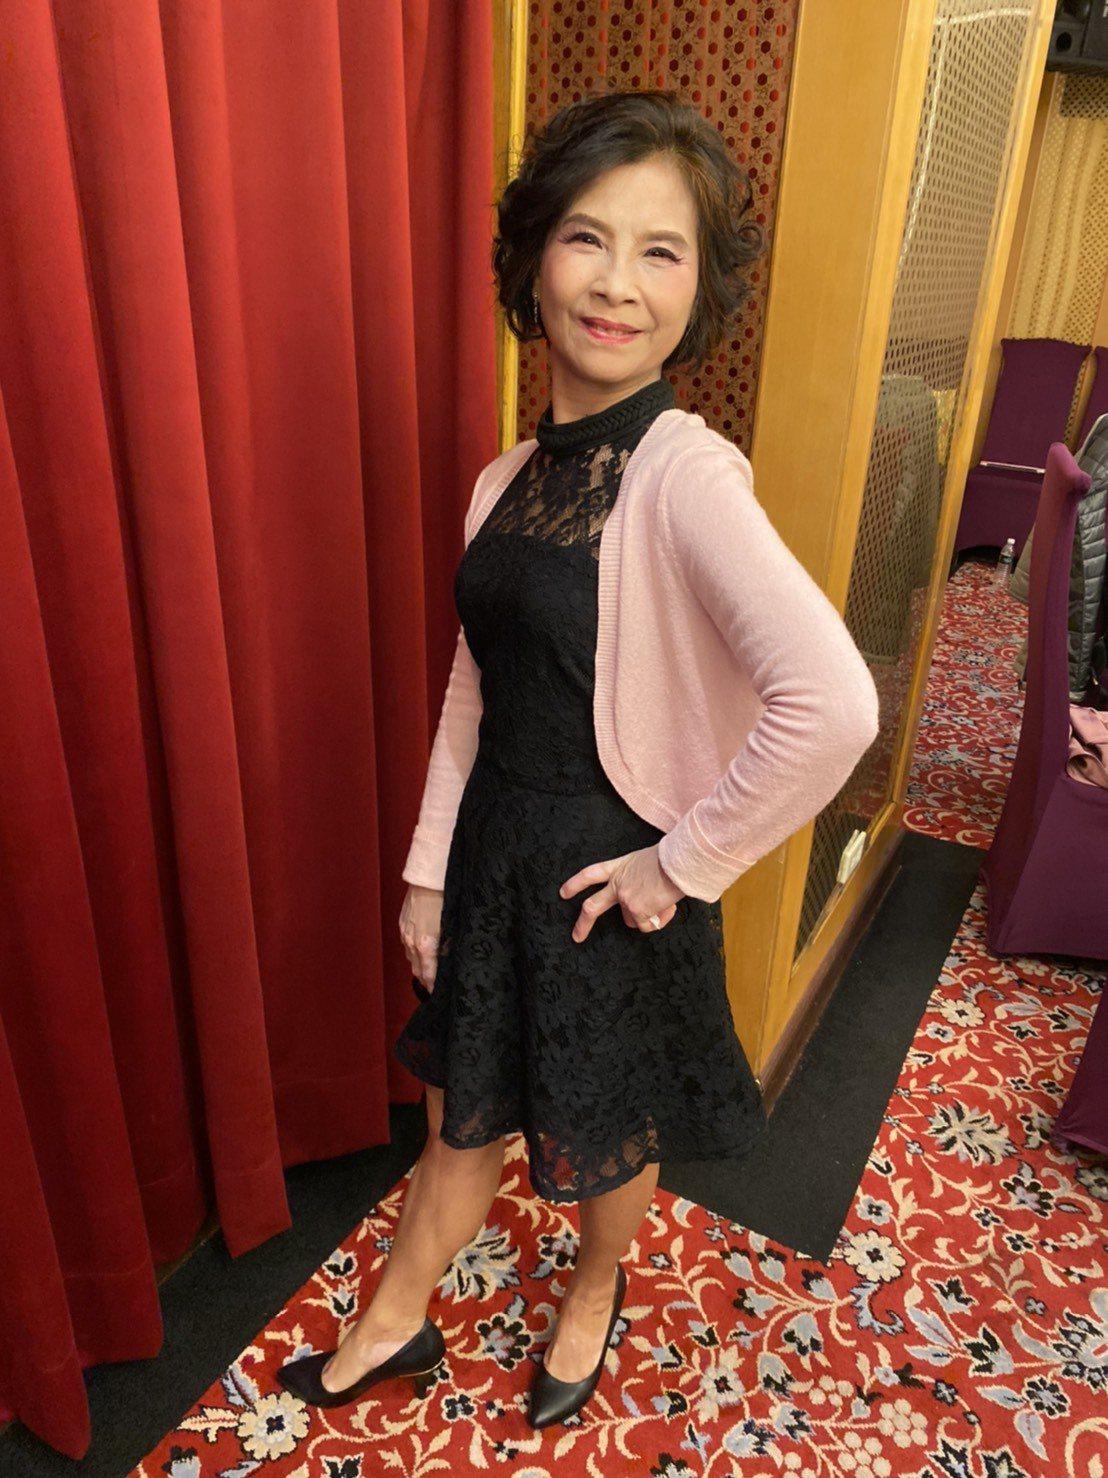 62歲的劉玉雯,參與「玩美樂齡模特兒」活動,小個子的她充滿自信,舉手投足間不見羞...